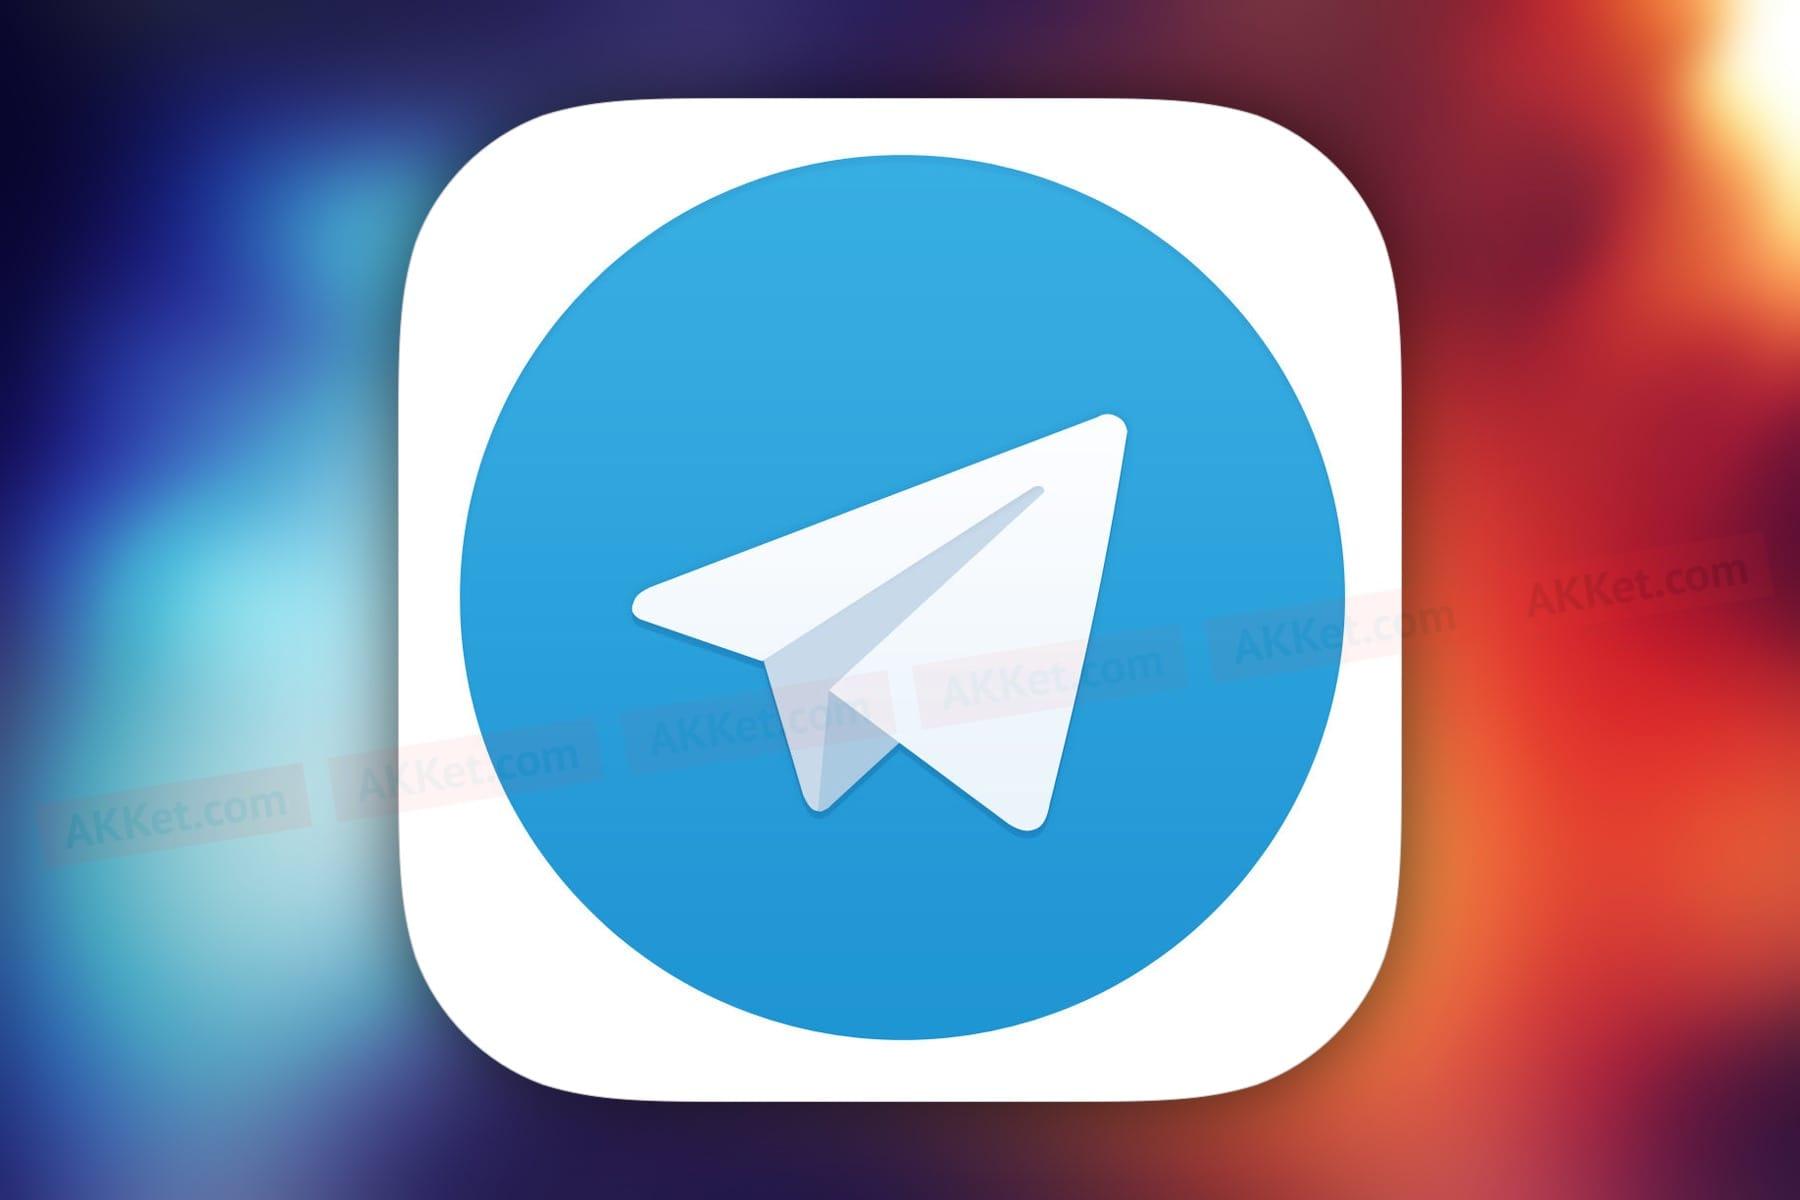 Telegram объявил облокировании обновлений состороны Apple